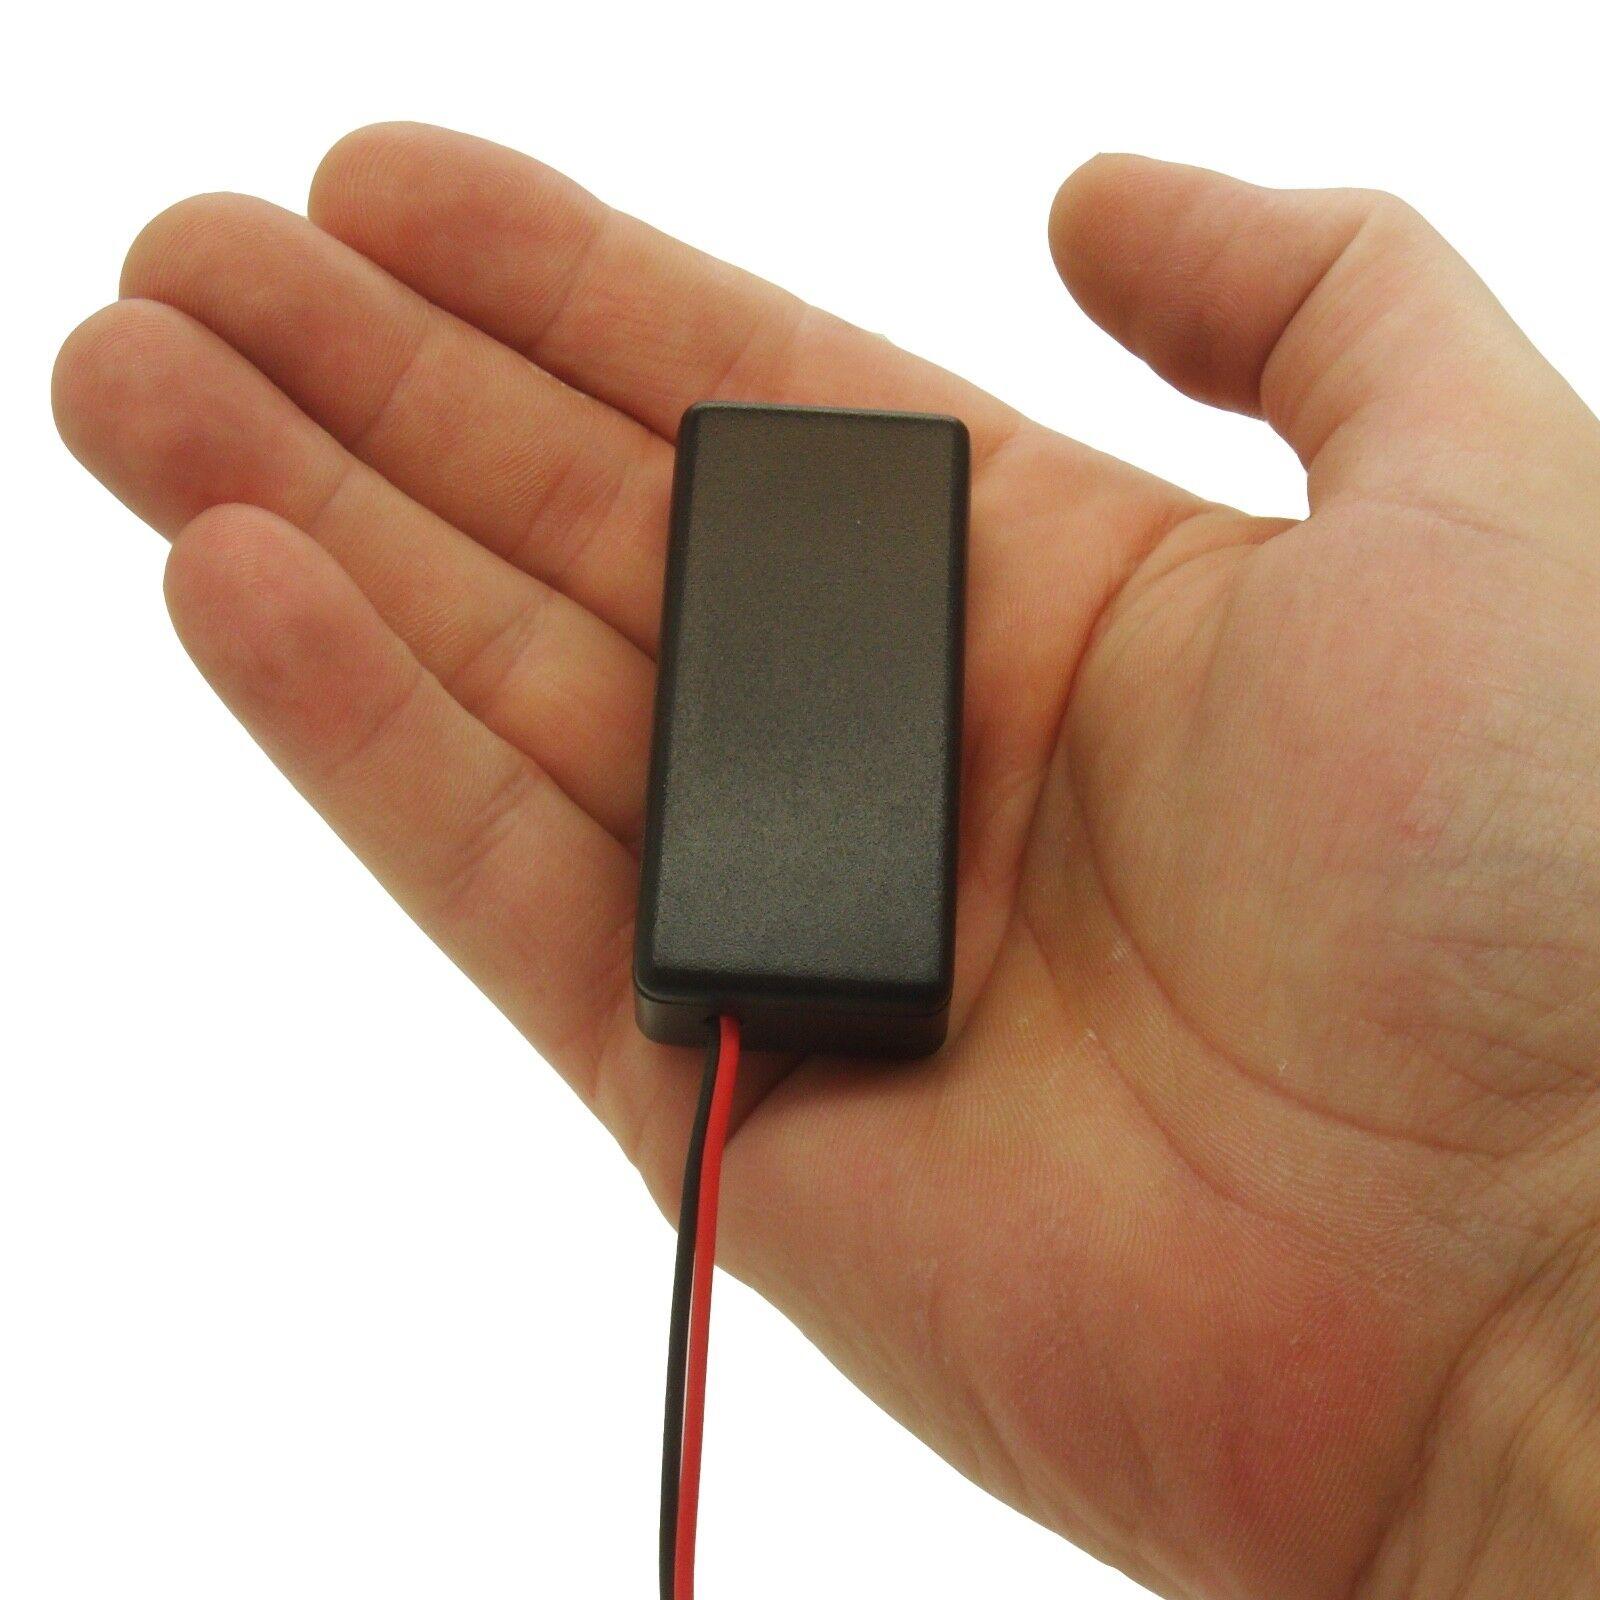 WIRELESS GSM AUDIO SPY BUG MICROPHONE